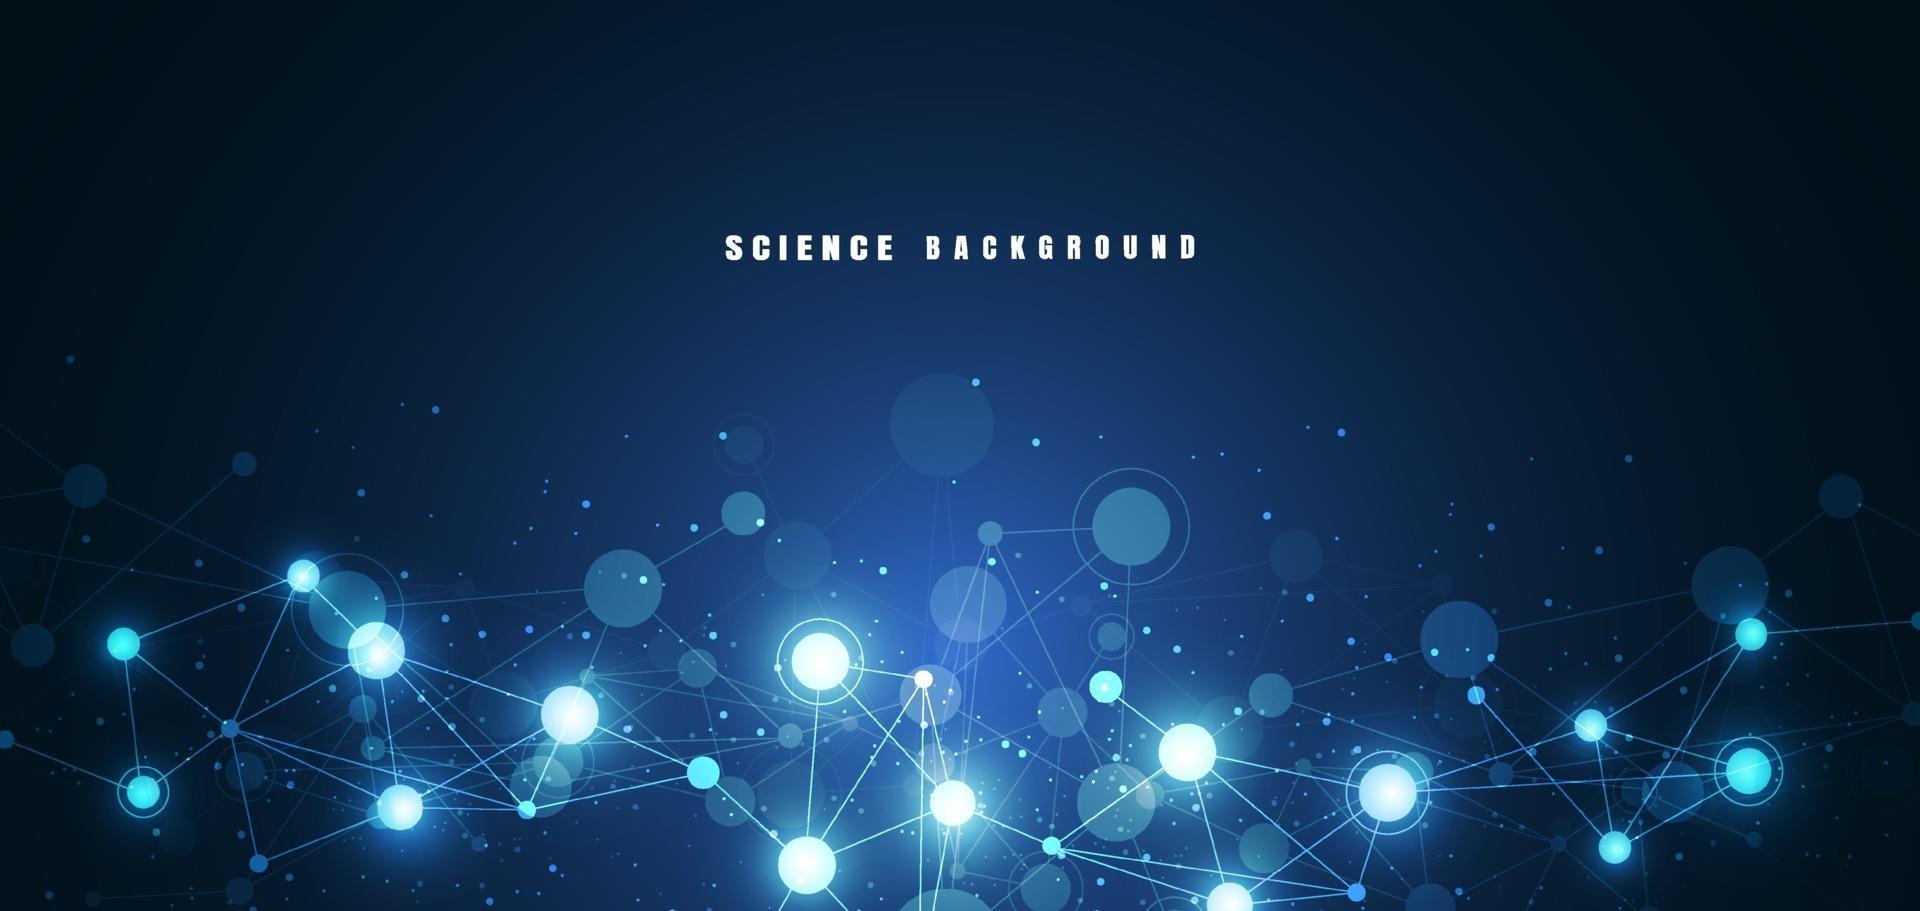 technologie abstraite de structure moléculaire. fond de science chimie et physique. conception médicale. illustration vectorielle vecteur